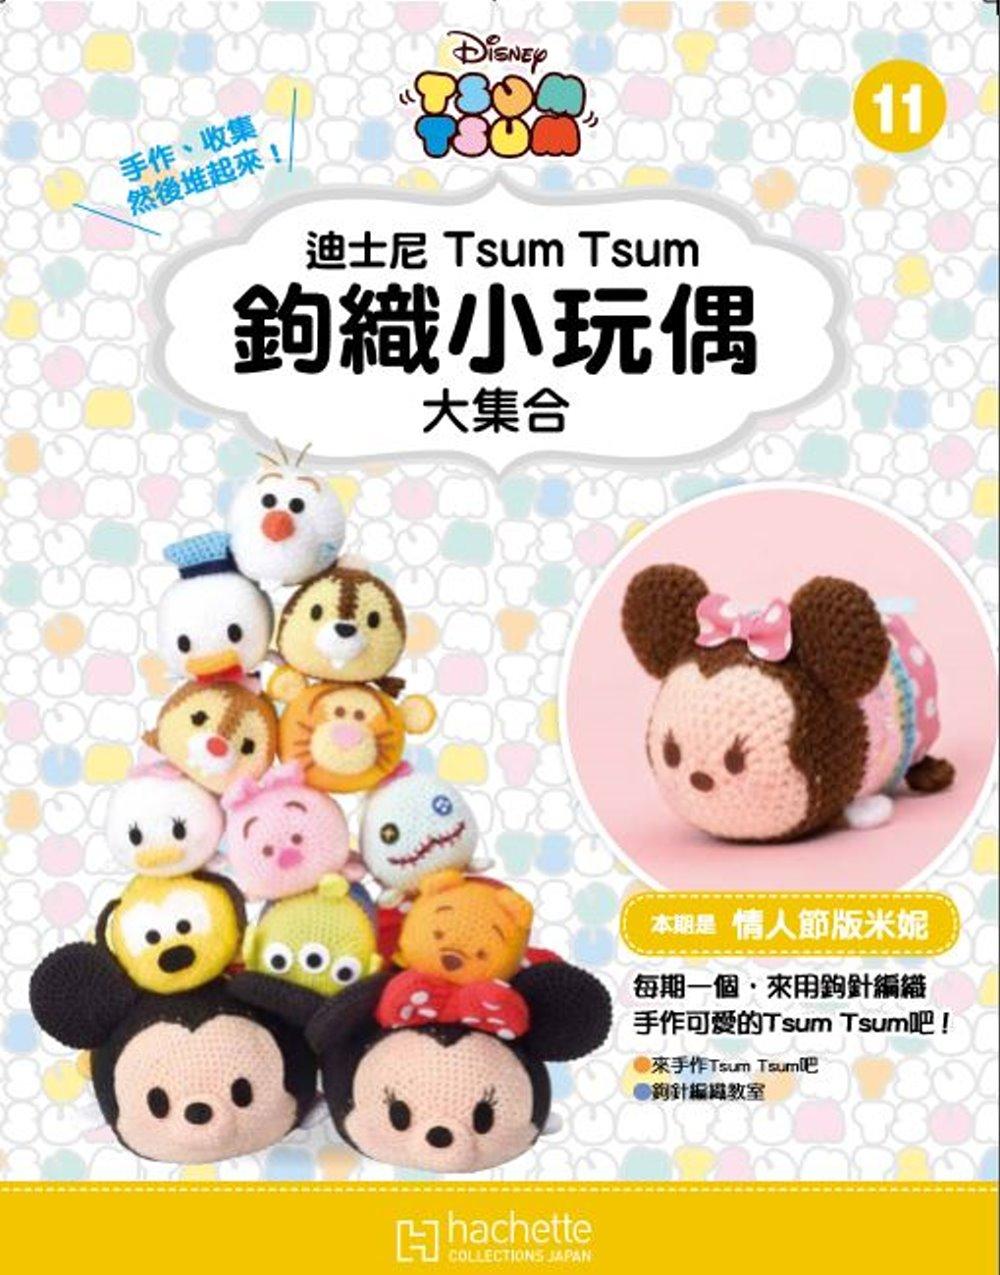 迪士尼TsumTsum 鉤織小玩偶 大集合 2018/1/31第11期